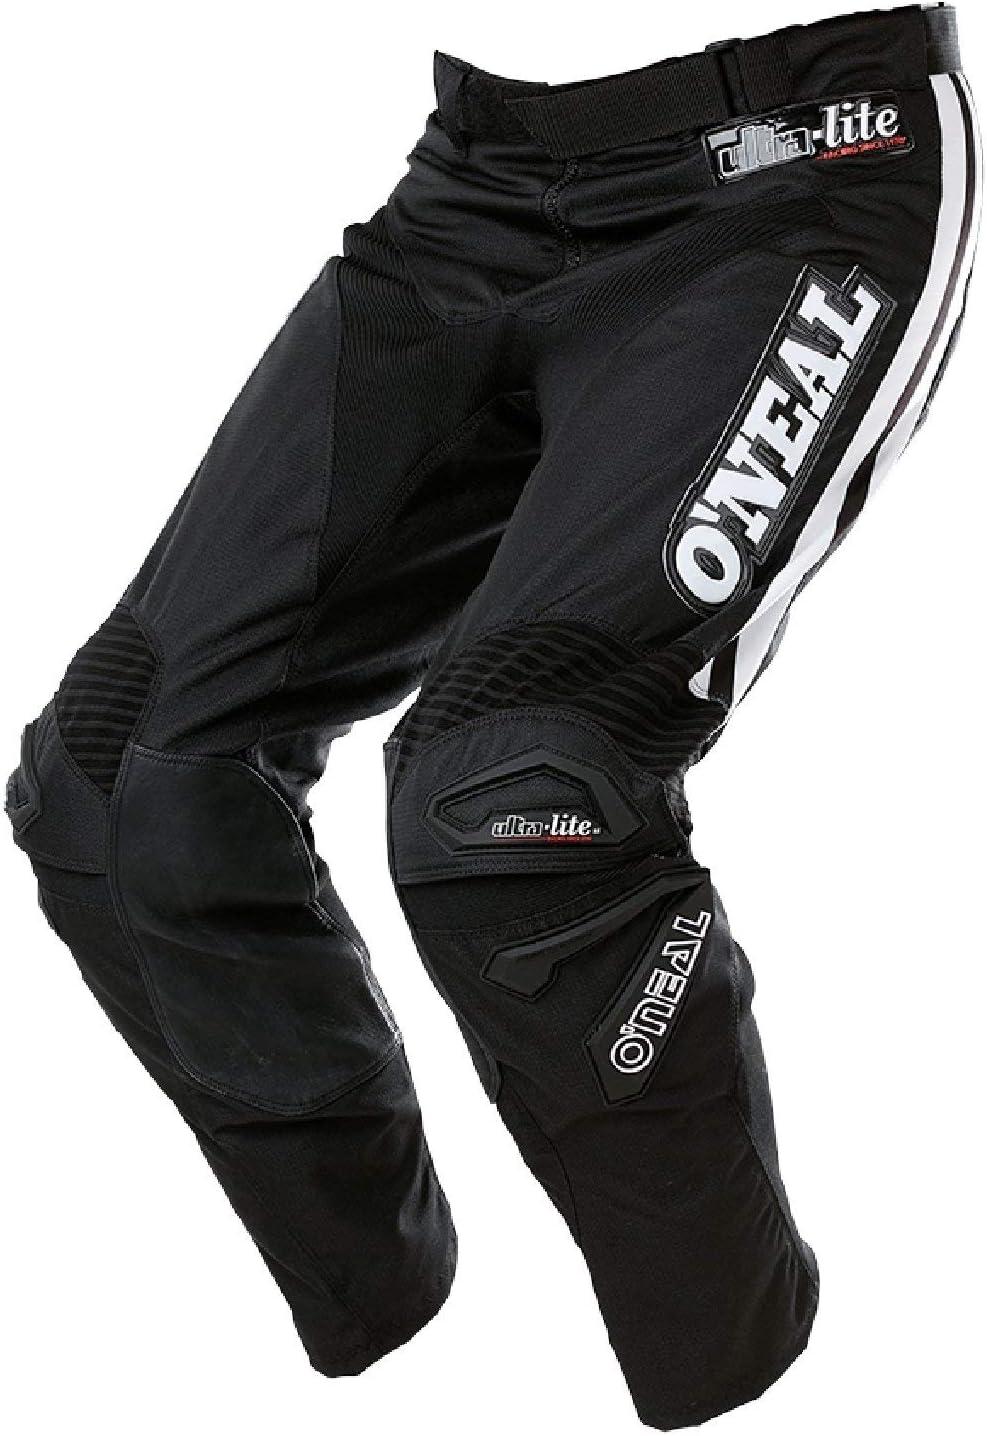 O Neal Ultra Lite 75MX DH MTB Pant Pantal/ón Largo Negro//Azul 2017Oneal